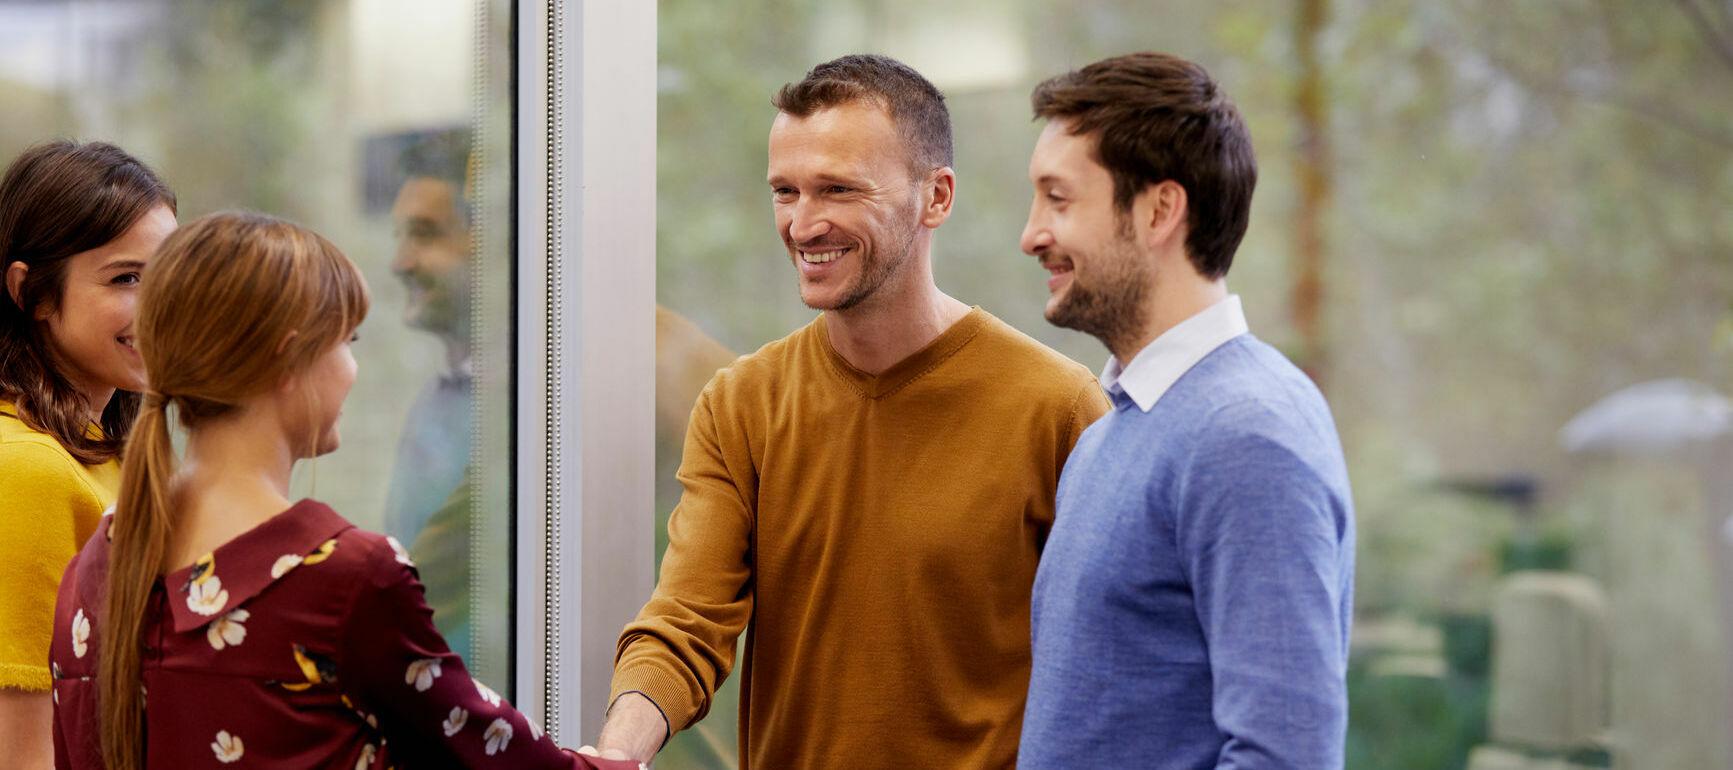 Future Talents: Praktikanten als Schlüssel zum Unternehmenserfolg - Marcel Rütten